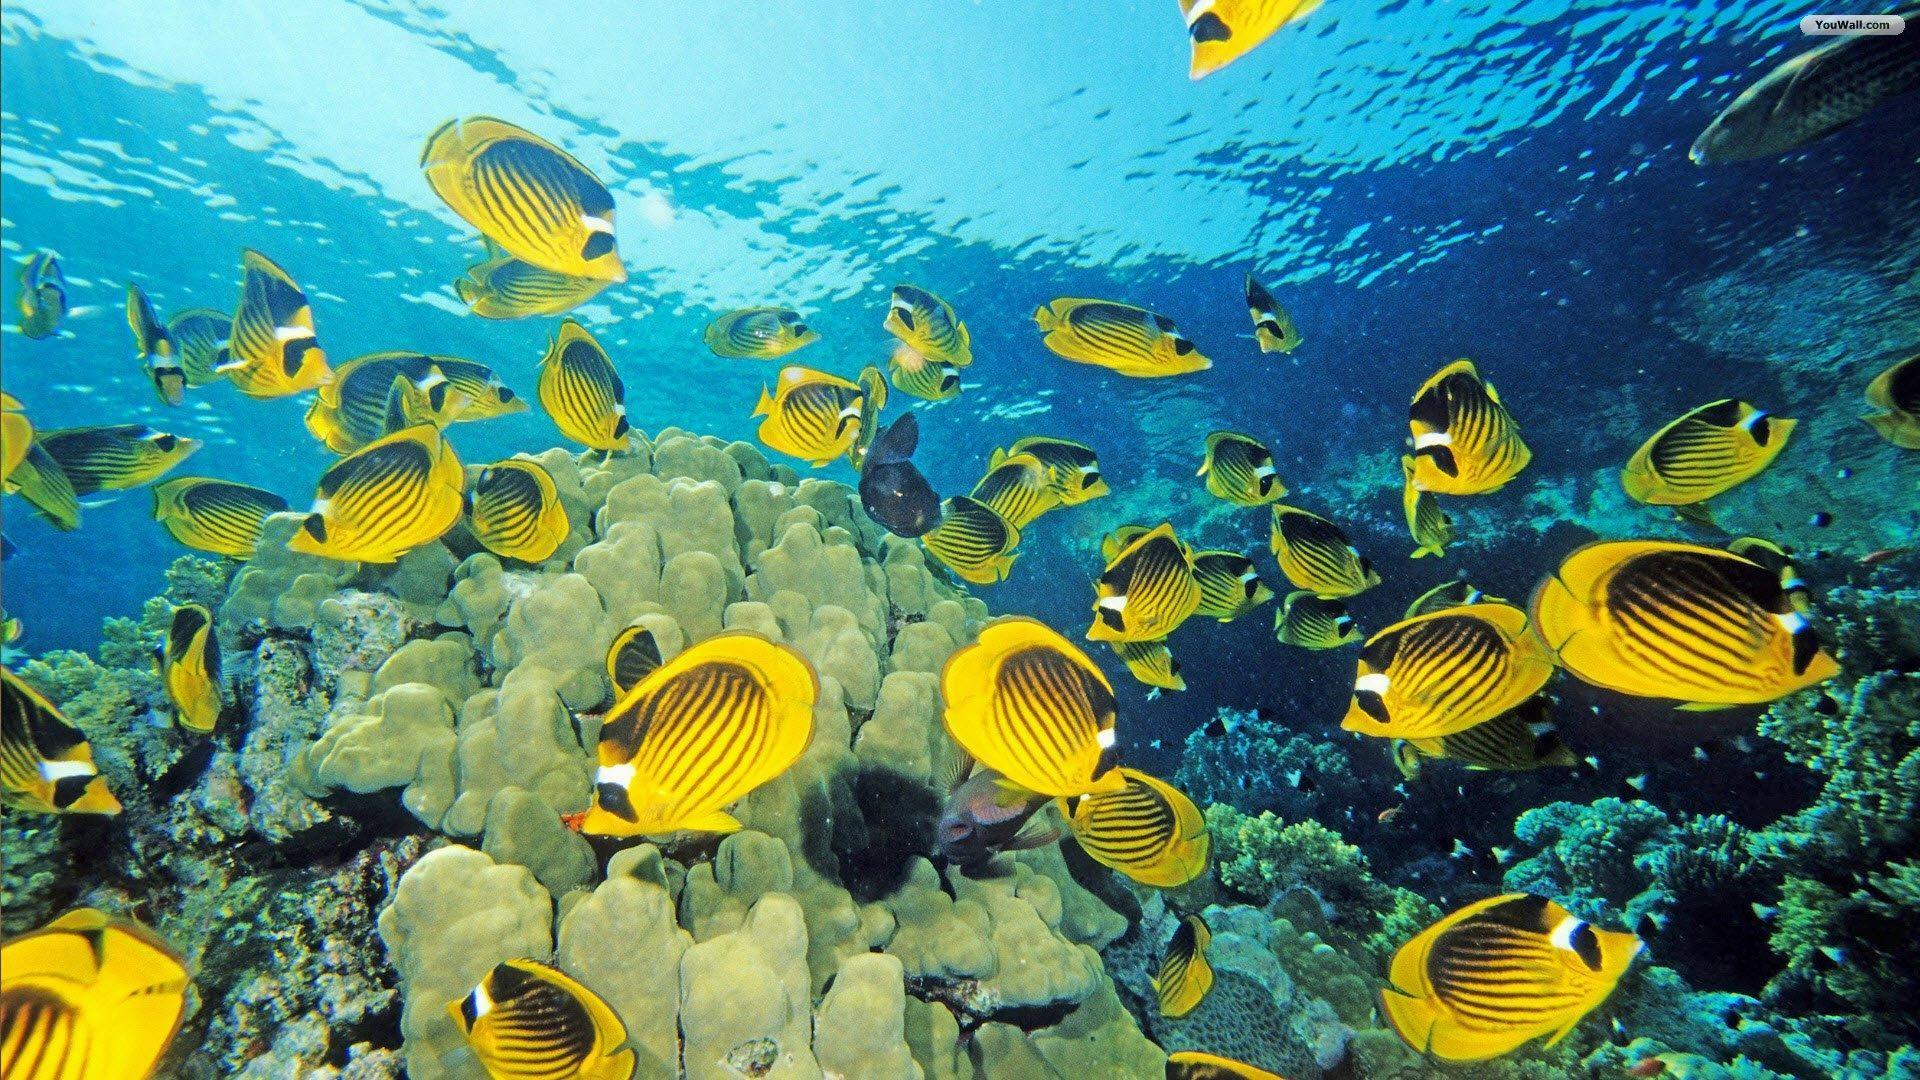 fish-hd-wallpaper-wp2005290